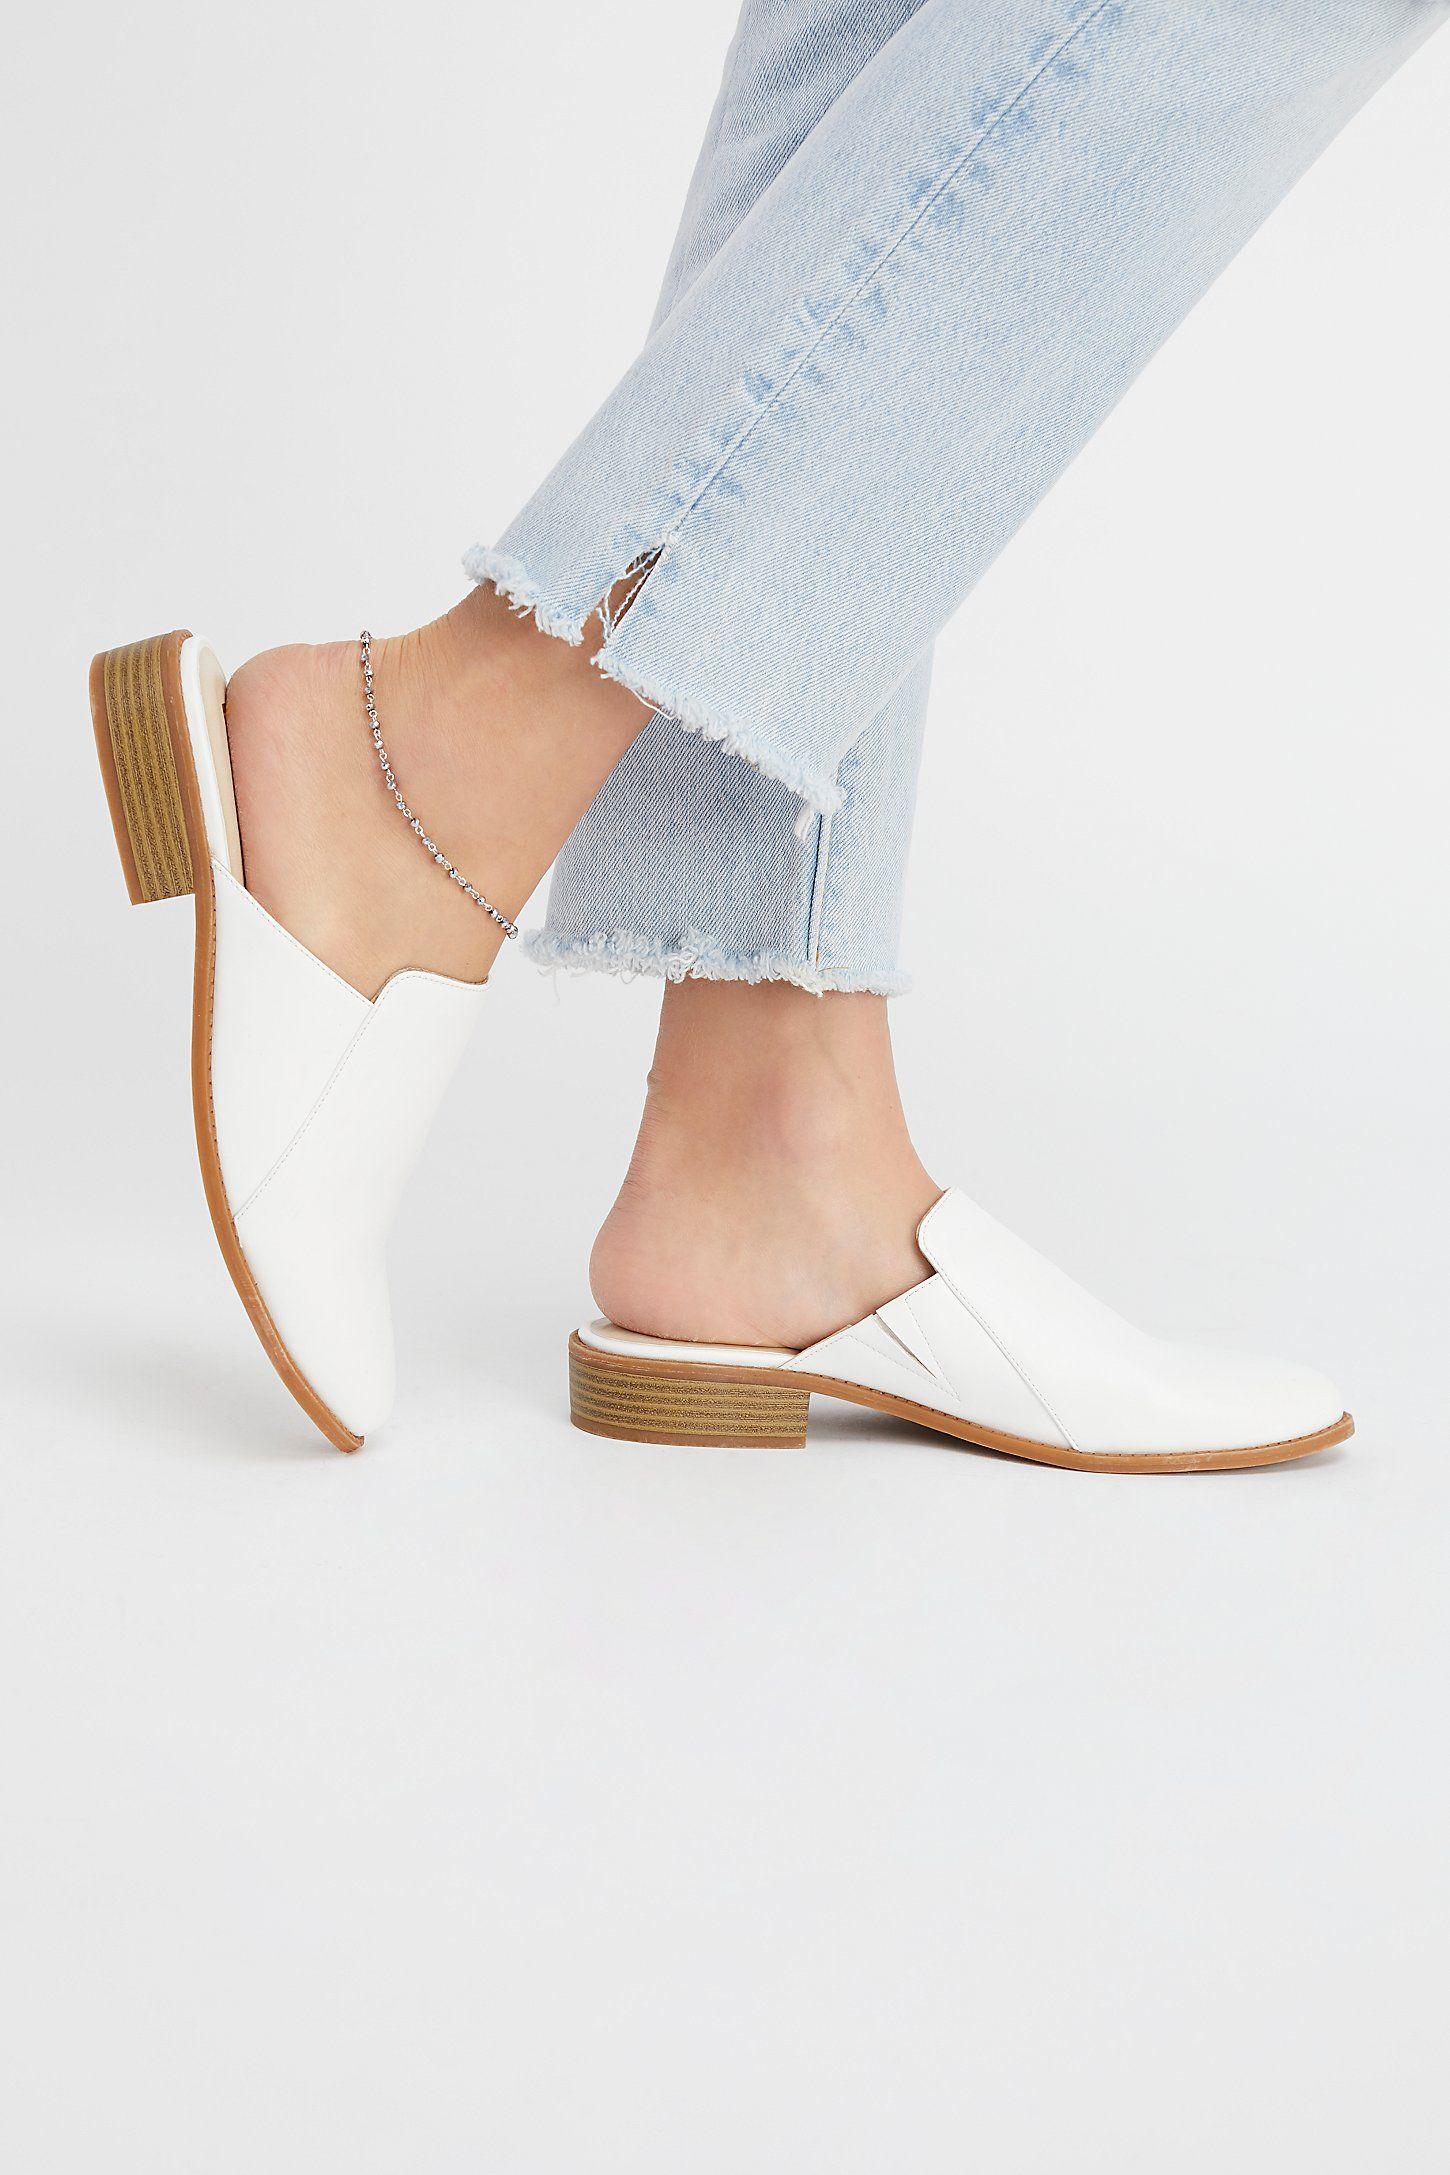 Vegan Austin Mule Flat | Bc footwear